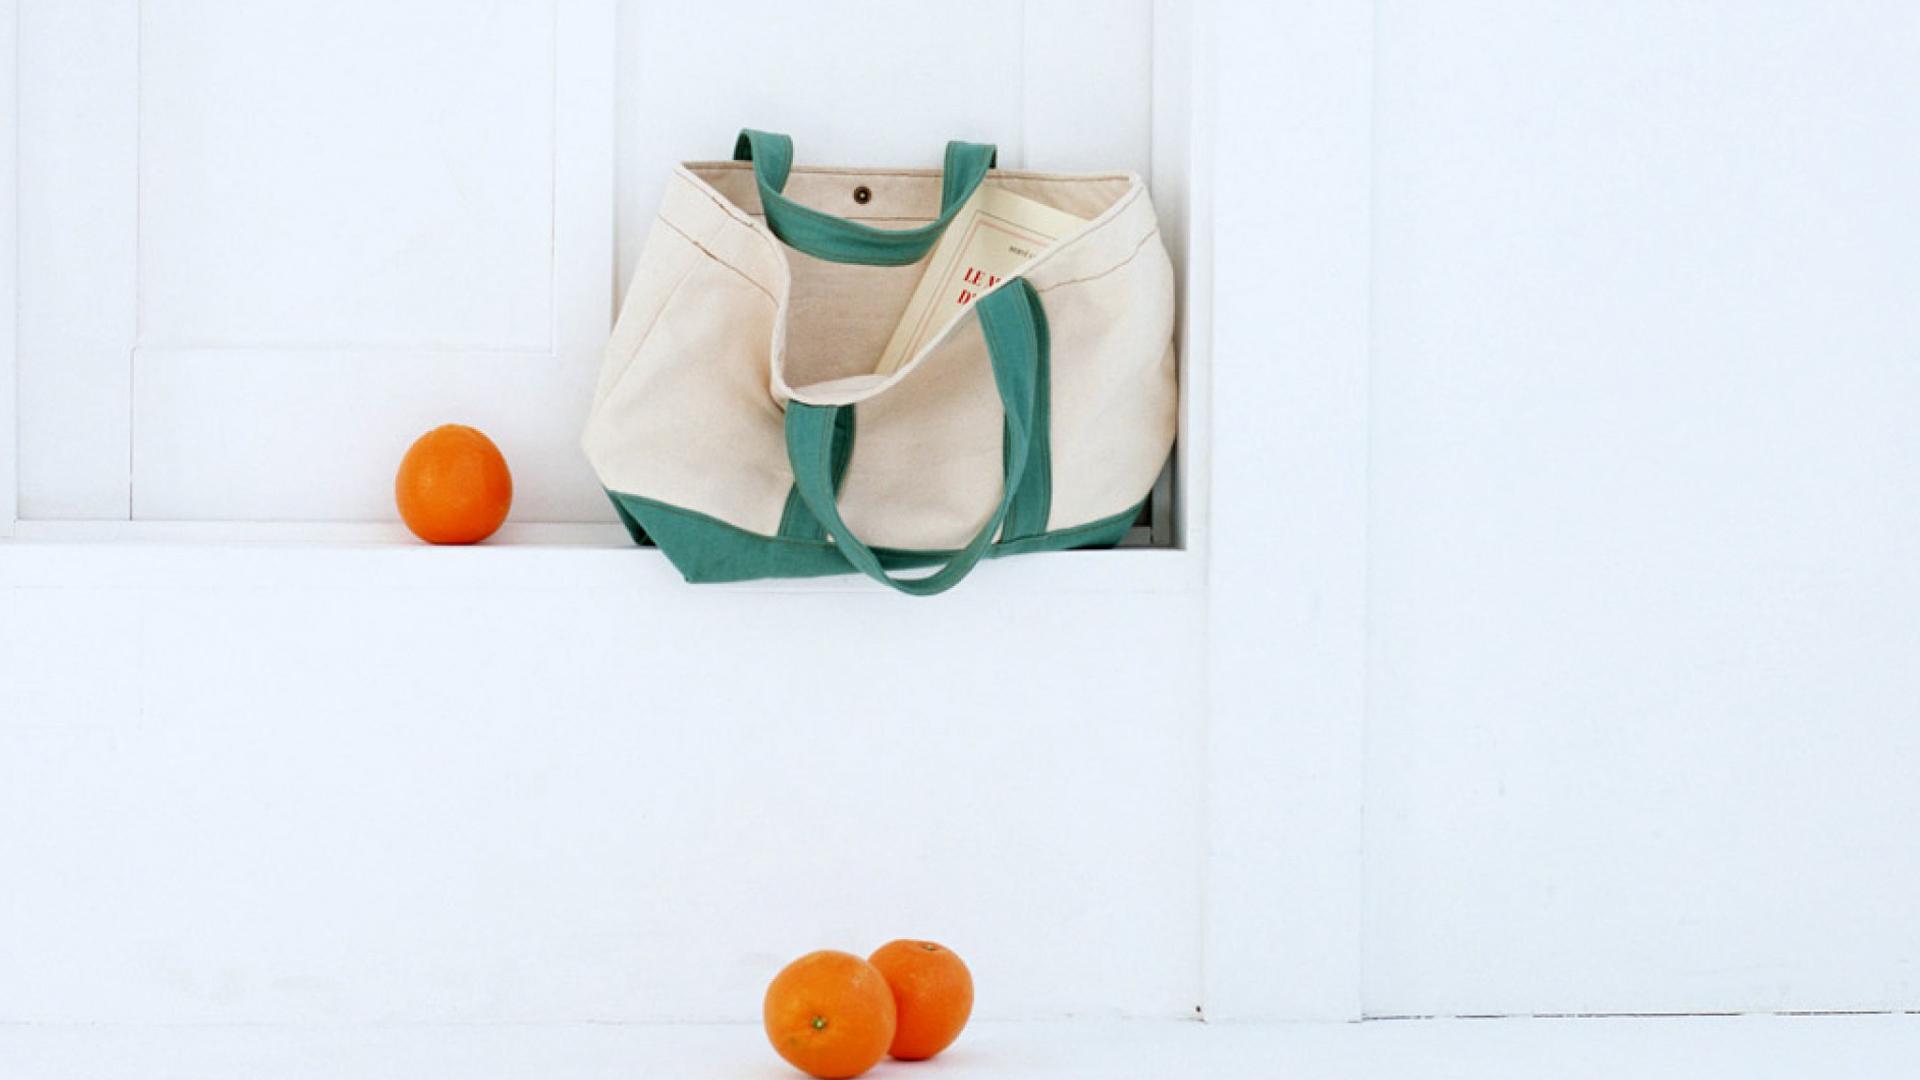 小清新家居静物唯美包包PPT背景图片免费下载是由PPT宝藏(www.pptbz.com)会员zengmin上传推荐的简约PPT背景图片, 更新时间为2017-01-22,素材编号120821。 包(英文:Bag),即手袋箱包,包括钱包、钥匙包、零钱包、手拿包、拎包、背包、书包、挎包、公文包等等。 一些女性为了节省时间,在不同场合均使用同一只包,有时因与装扮不搭配,看起来不协调。最好是准备几个包,分别用于上班、休闲和晚宴等不同场合。上班时用的包应该大一些,这样可以存放较多的必备用品,但式样必须大方,与上班形